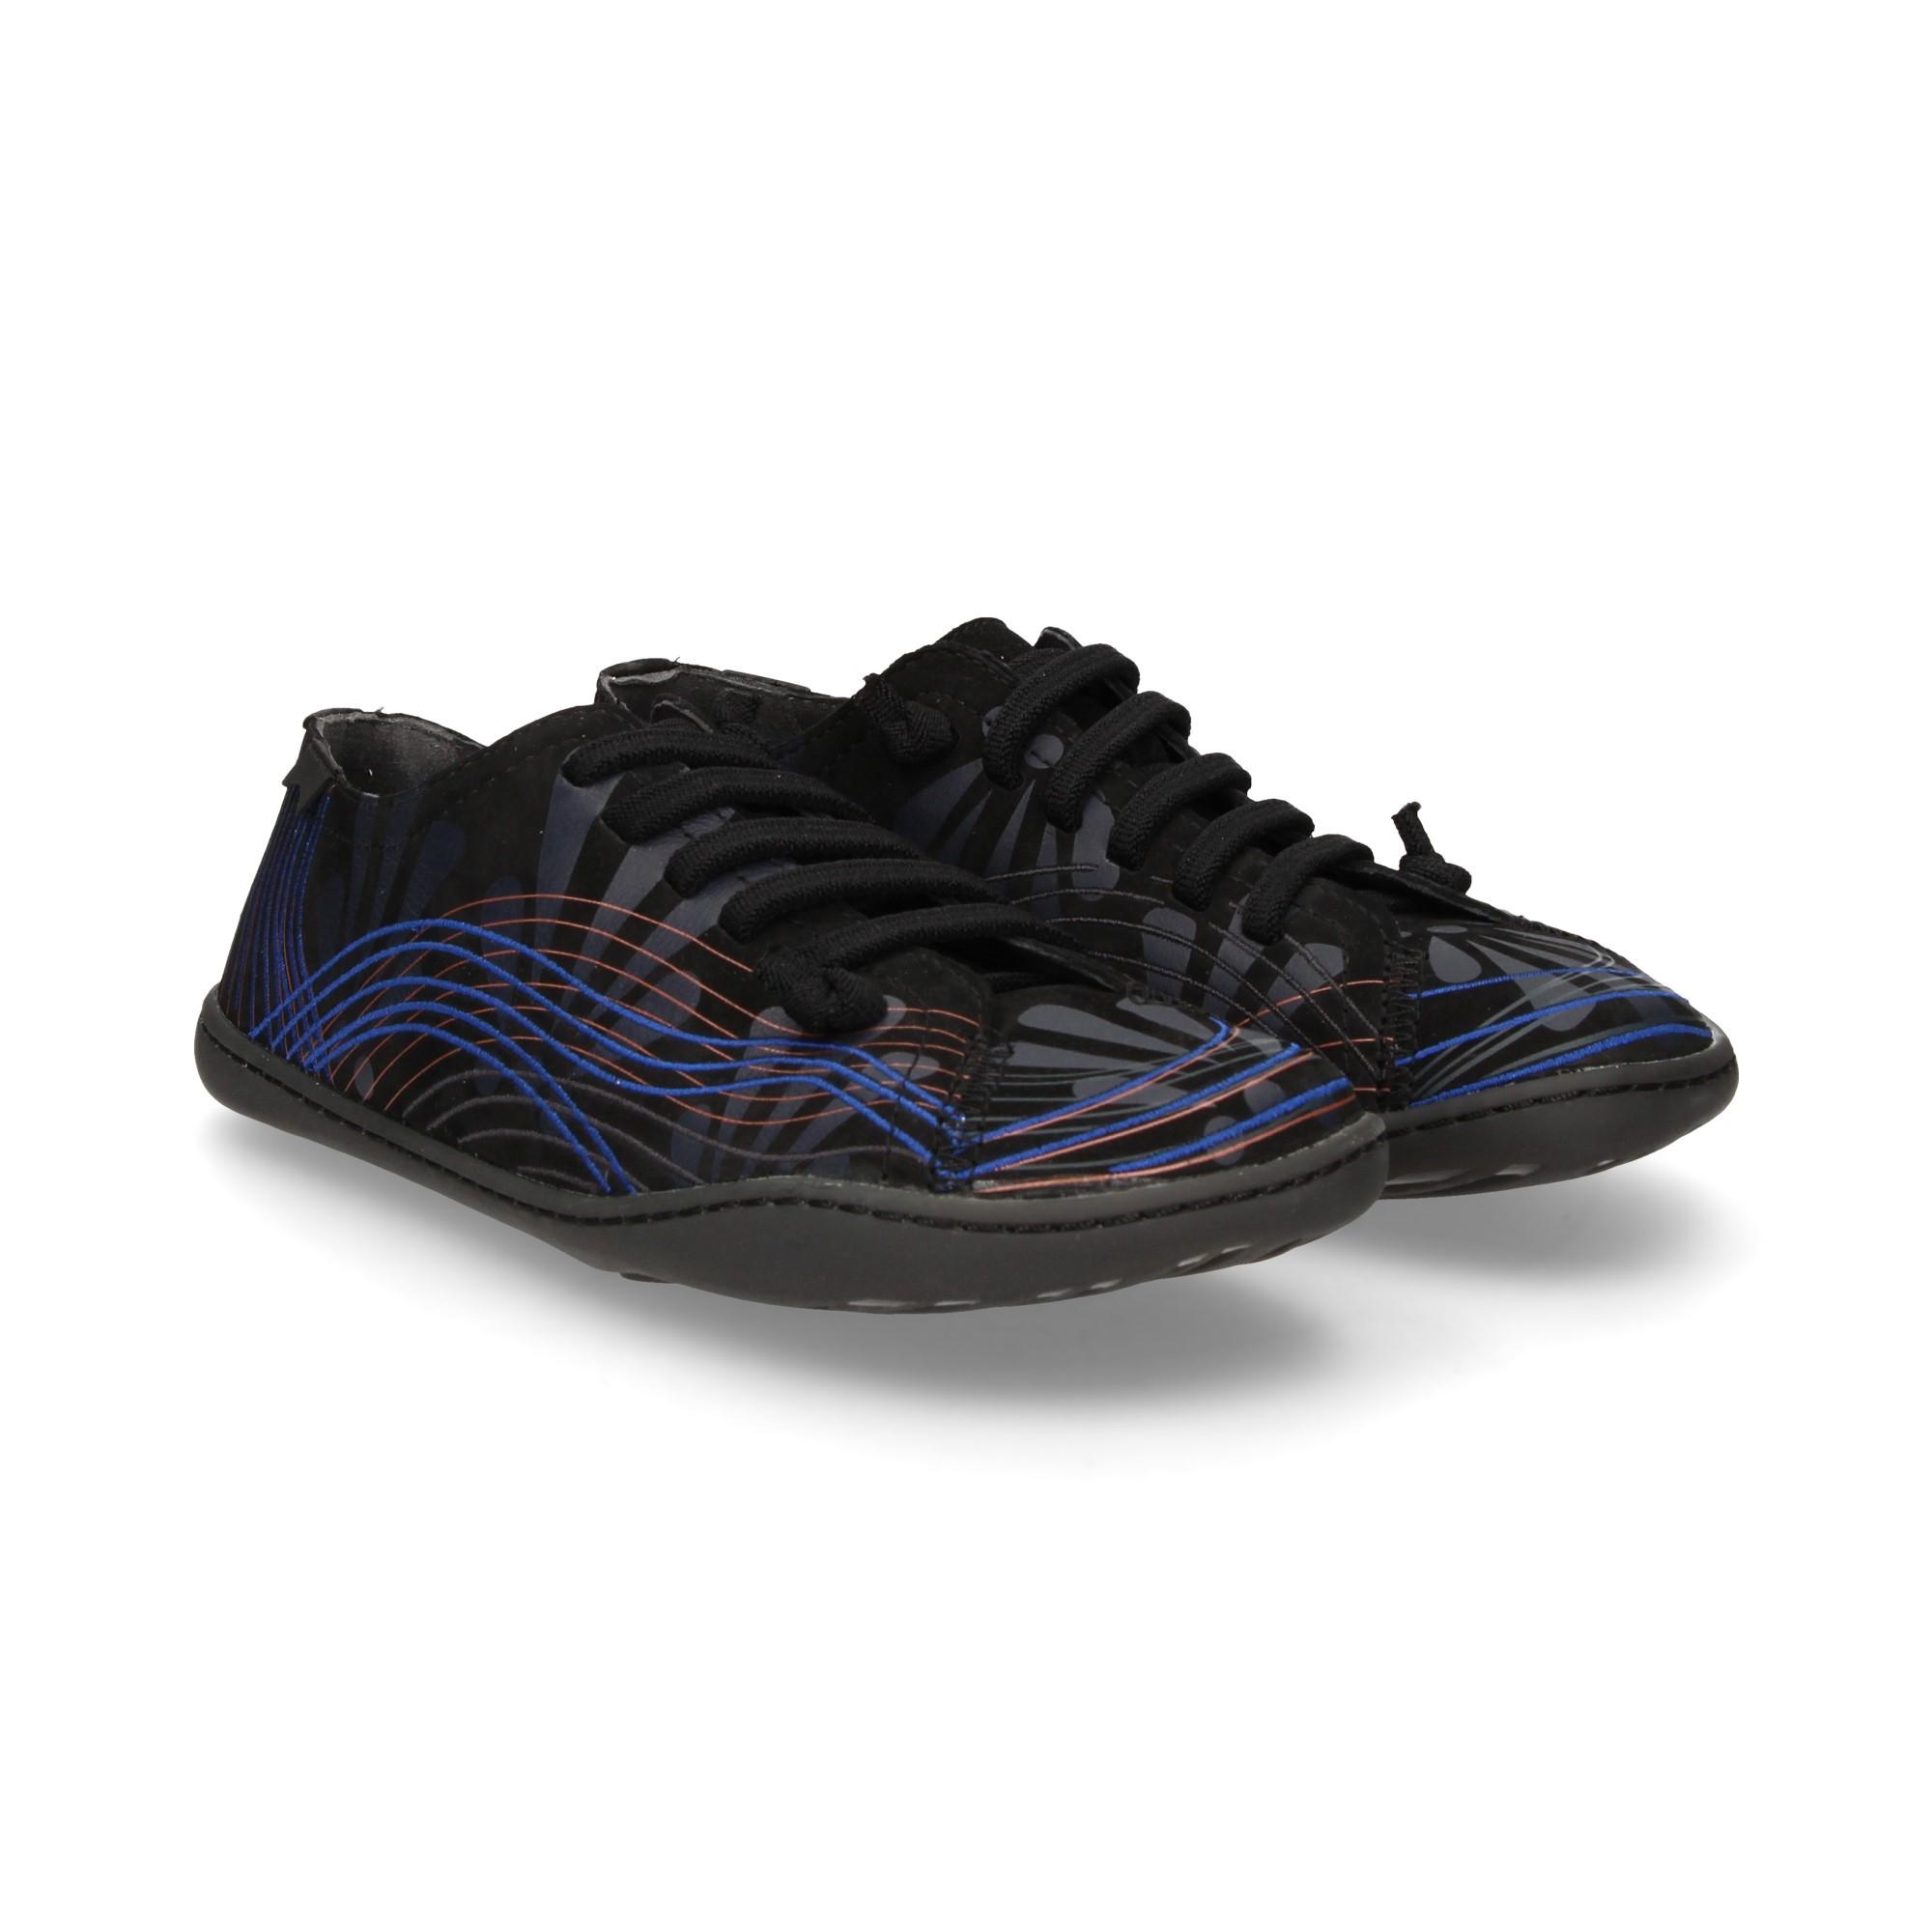 Pour Femmes Camper Multicolor K200733 001 Chaussures Sport De qVGUzSMp